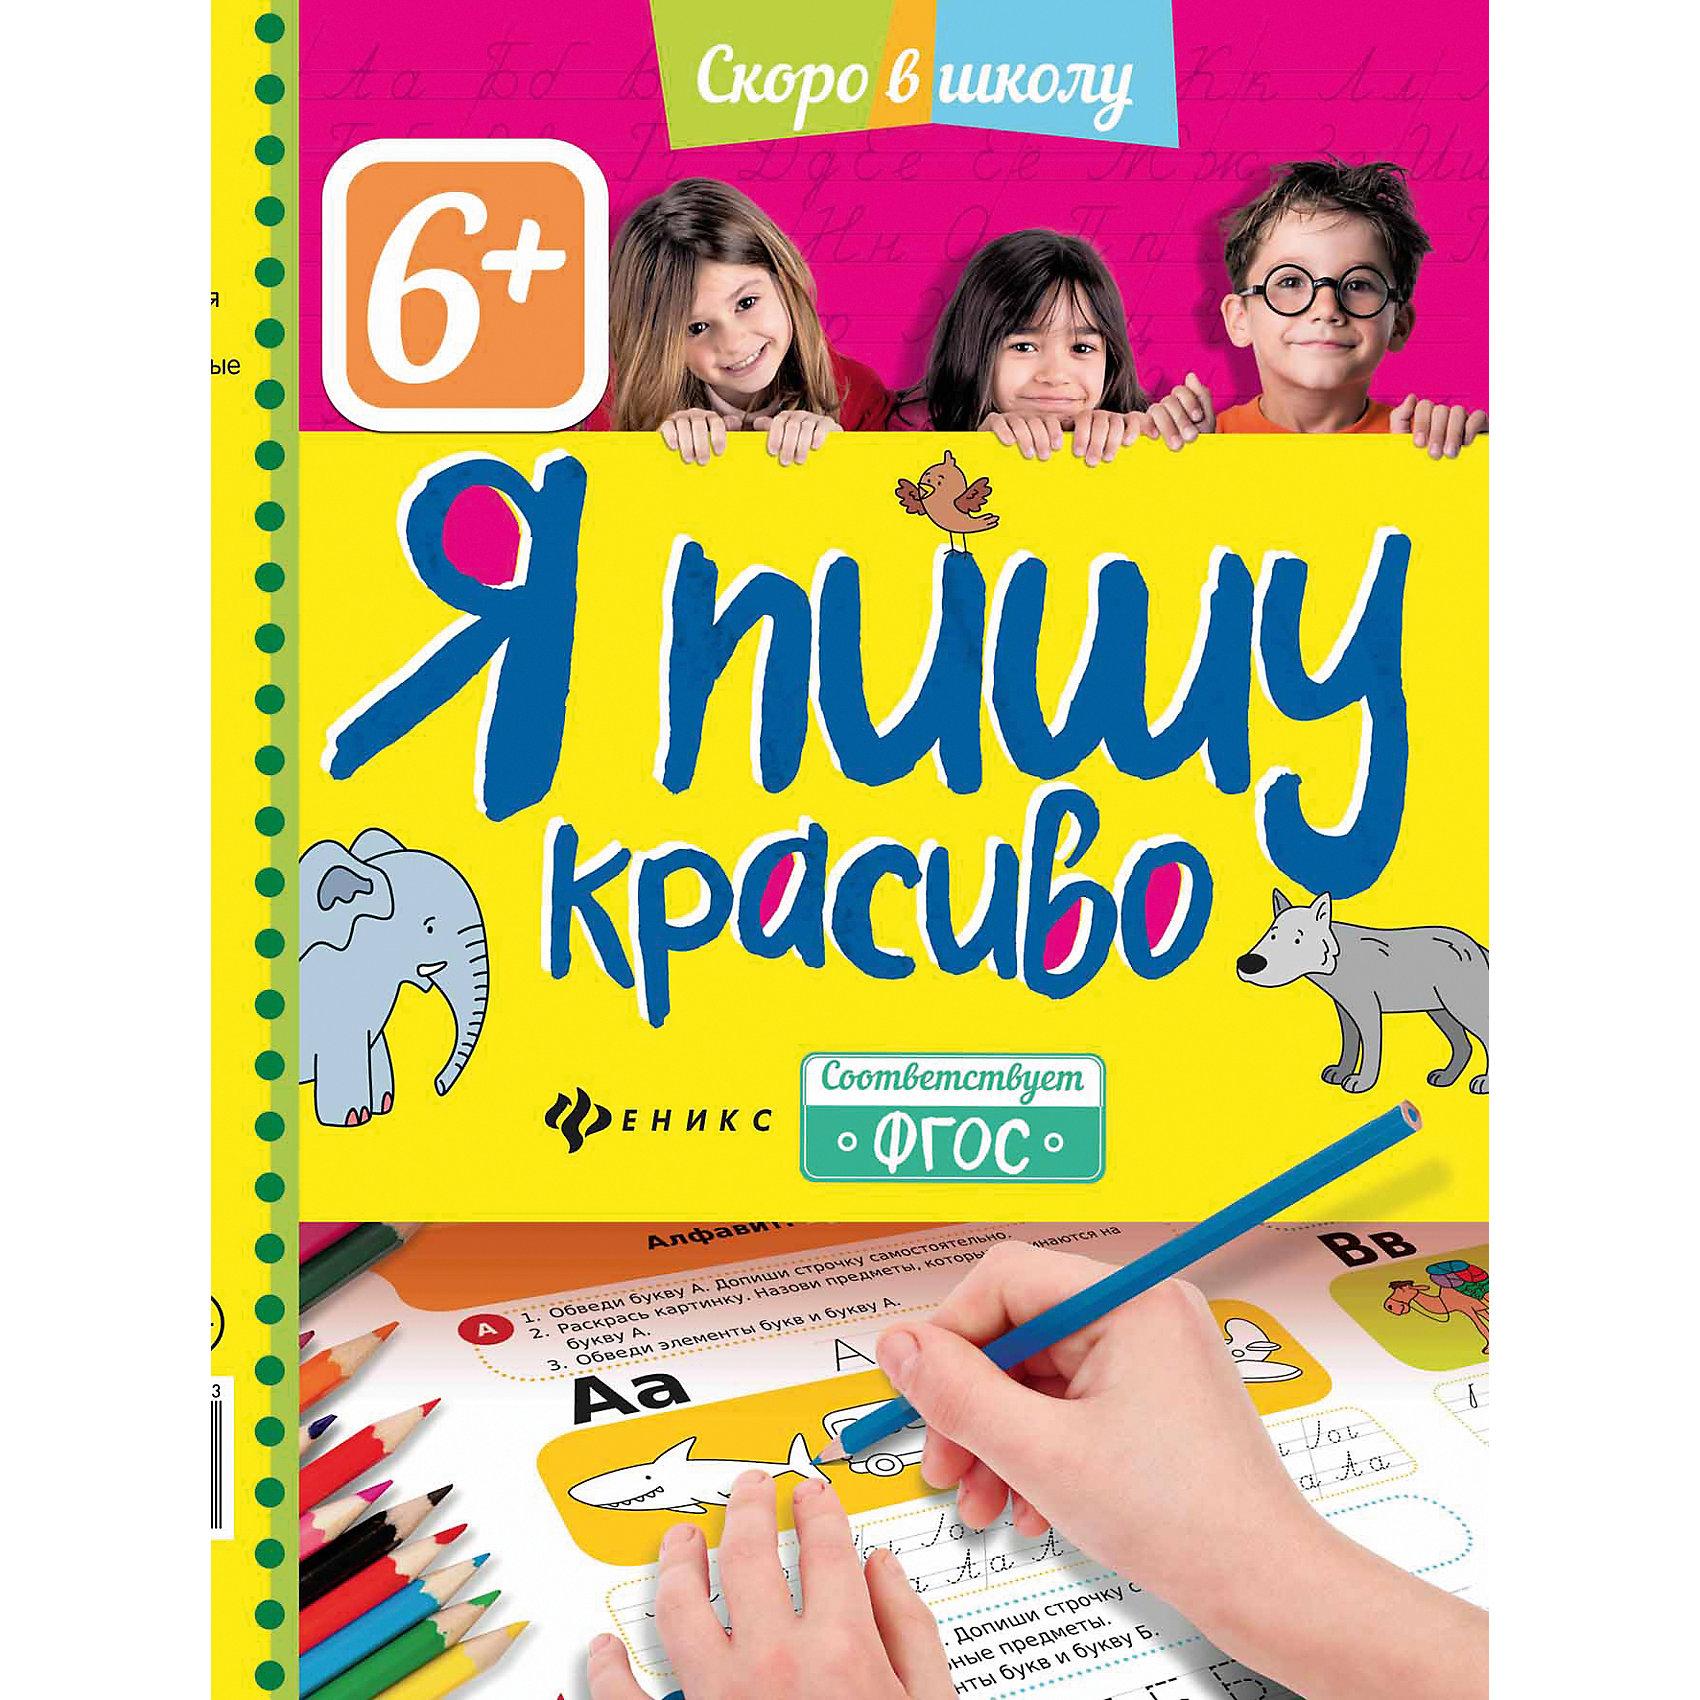 Я пишу красивоПрописи<br>Ваш ребёнок скоро идёт в школу? Занятия по развивающим книгам этой серии как раз то, что вам нужно. Экспресс-курс по подготовке к школе поможет закрепить уже имеющиеся знания, а также научит новому. Малыши научатся считать до 20, соединять буквы в слоги<br><br>Ширина мм: 288<br>Глубина мм: 204<br>Высота мм: 2<br>Вес г: 58<br>Возраст от месяцев: 12<br>Возраст до месяцев: 72<br>Пол: Унисекс<br>Возраст: Детский<br>SKU: 5120125